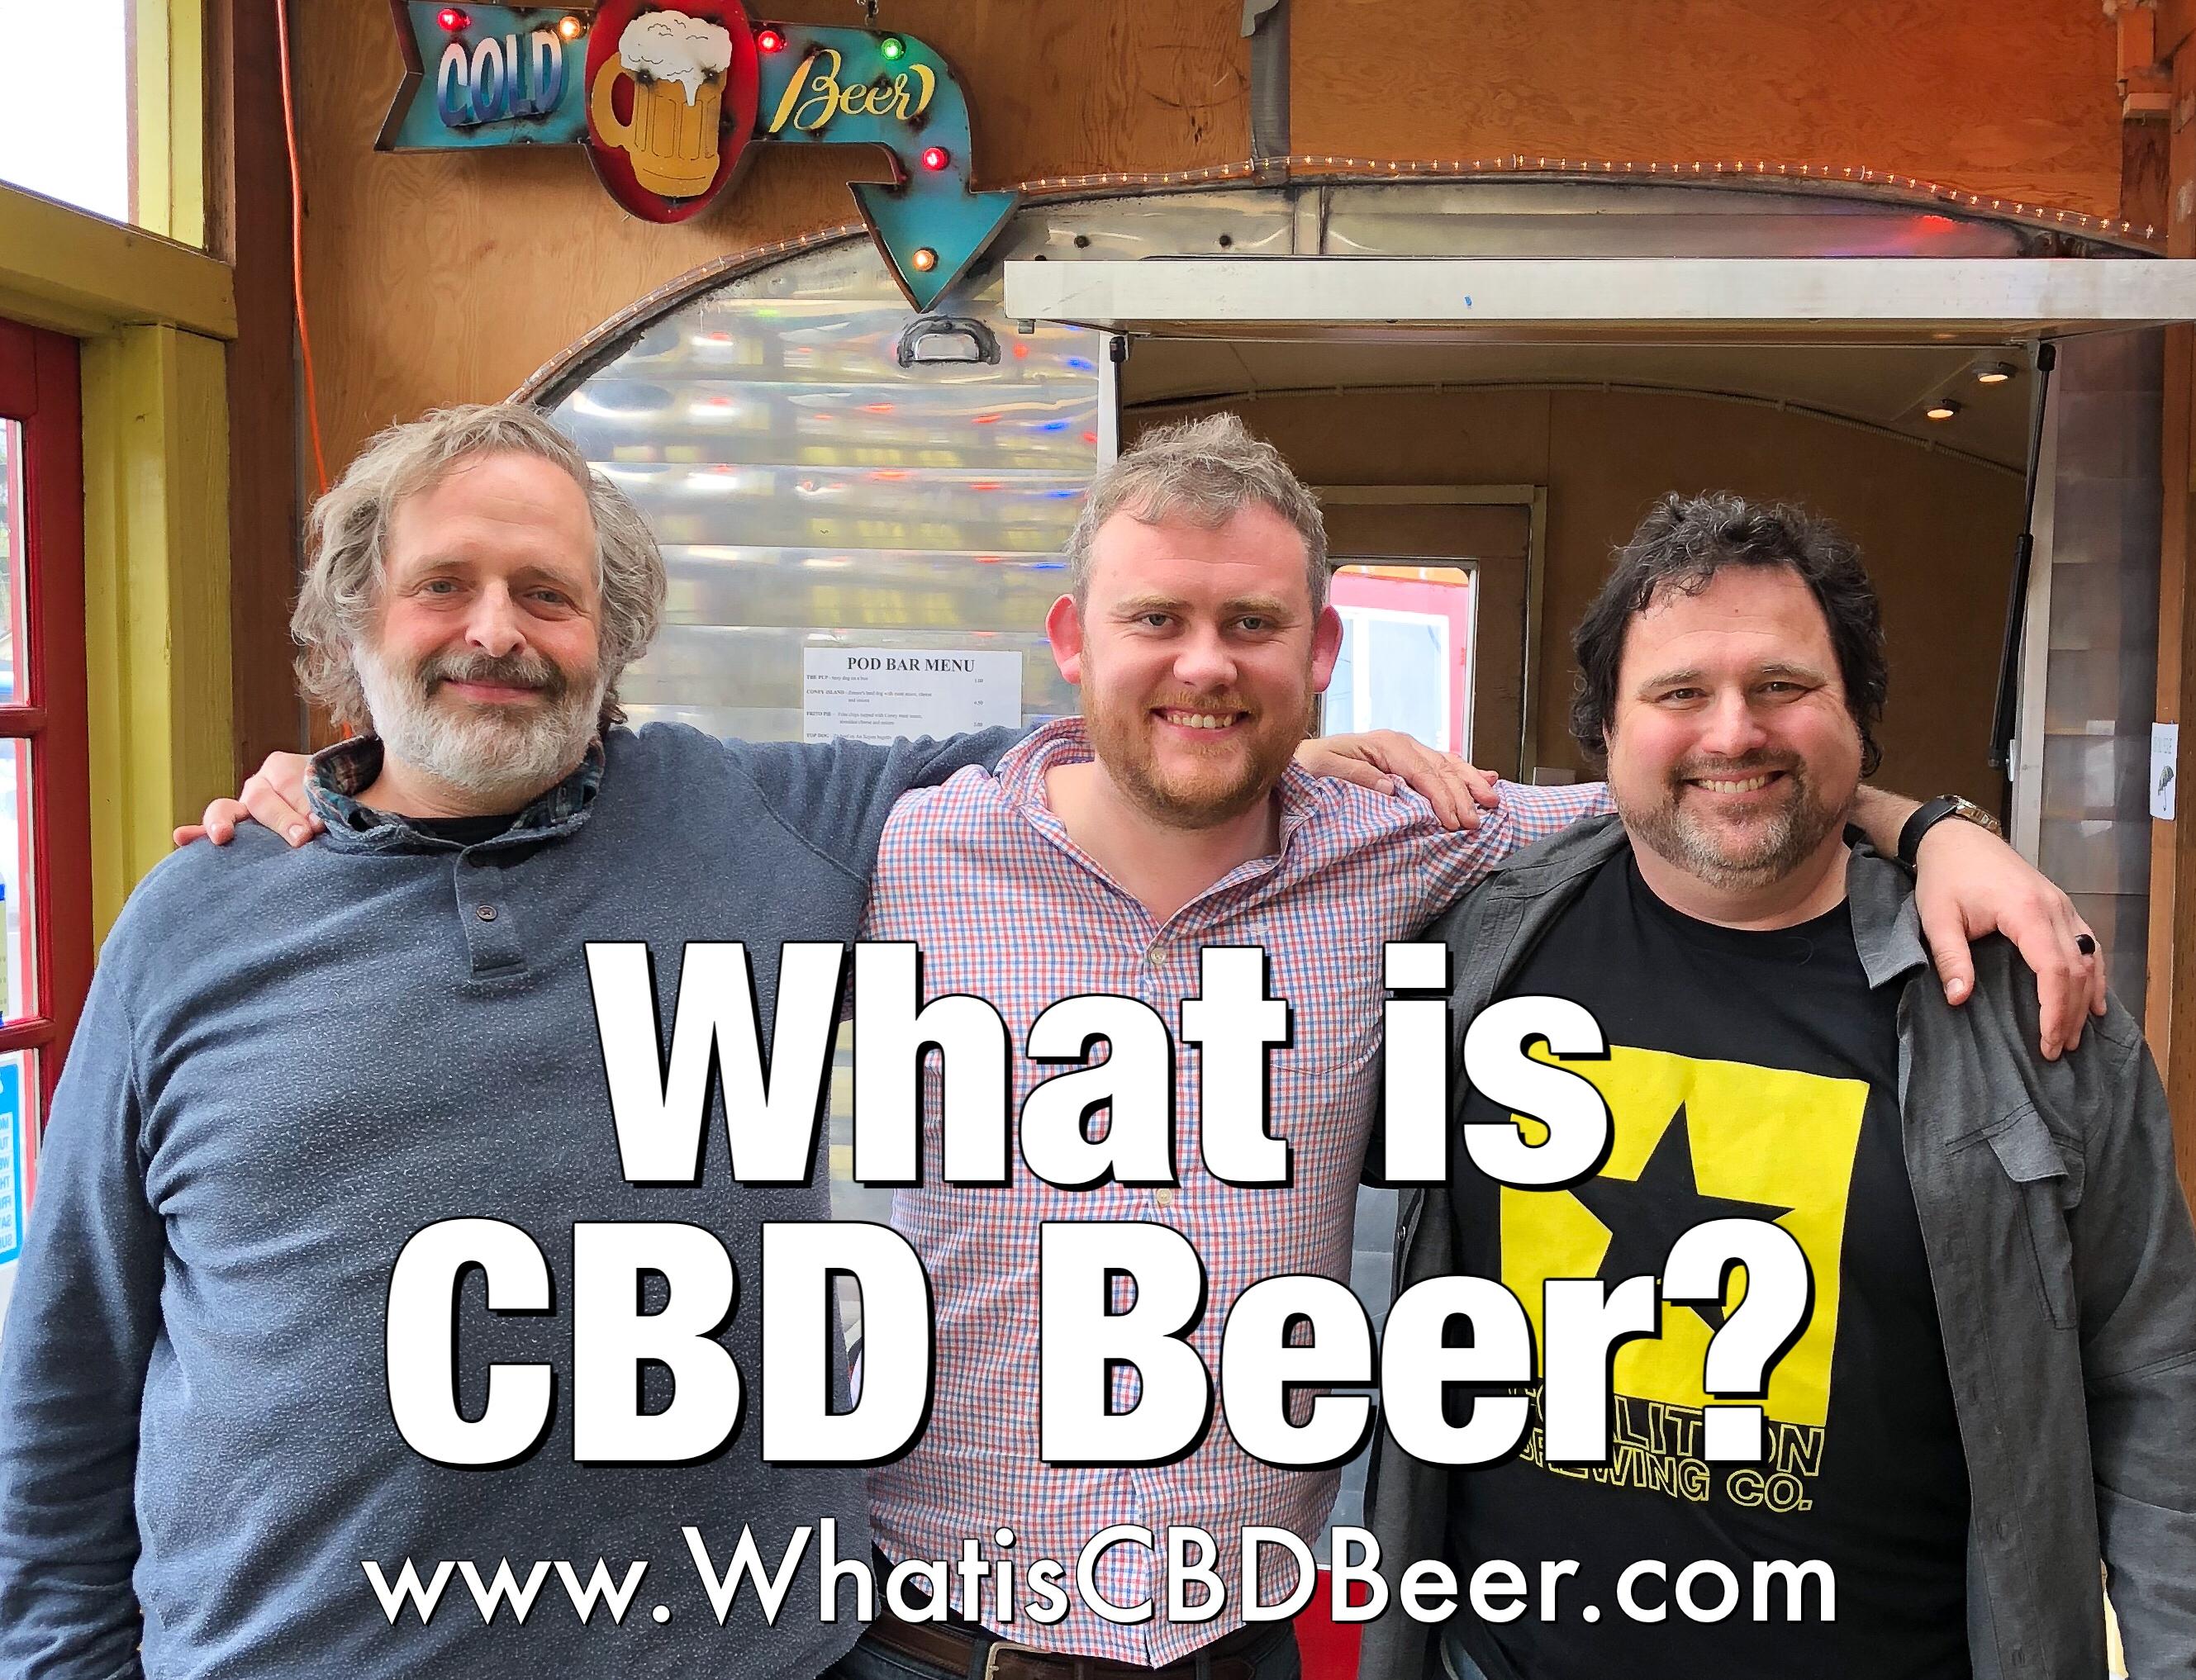 Qu'est-ce que la bière CBD? - Portland Beer Podcast épisode 65